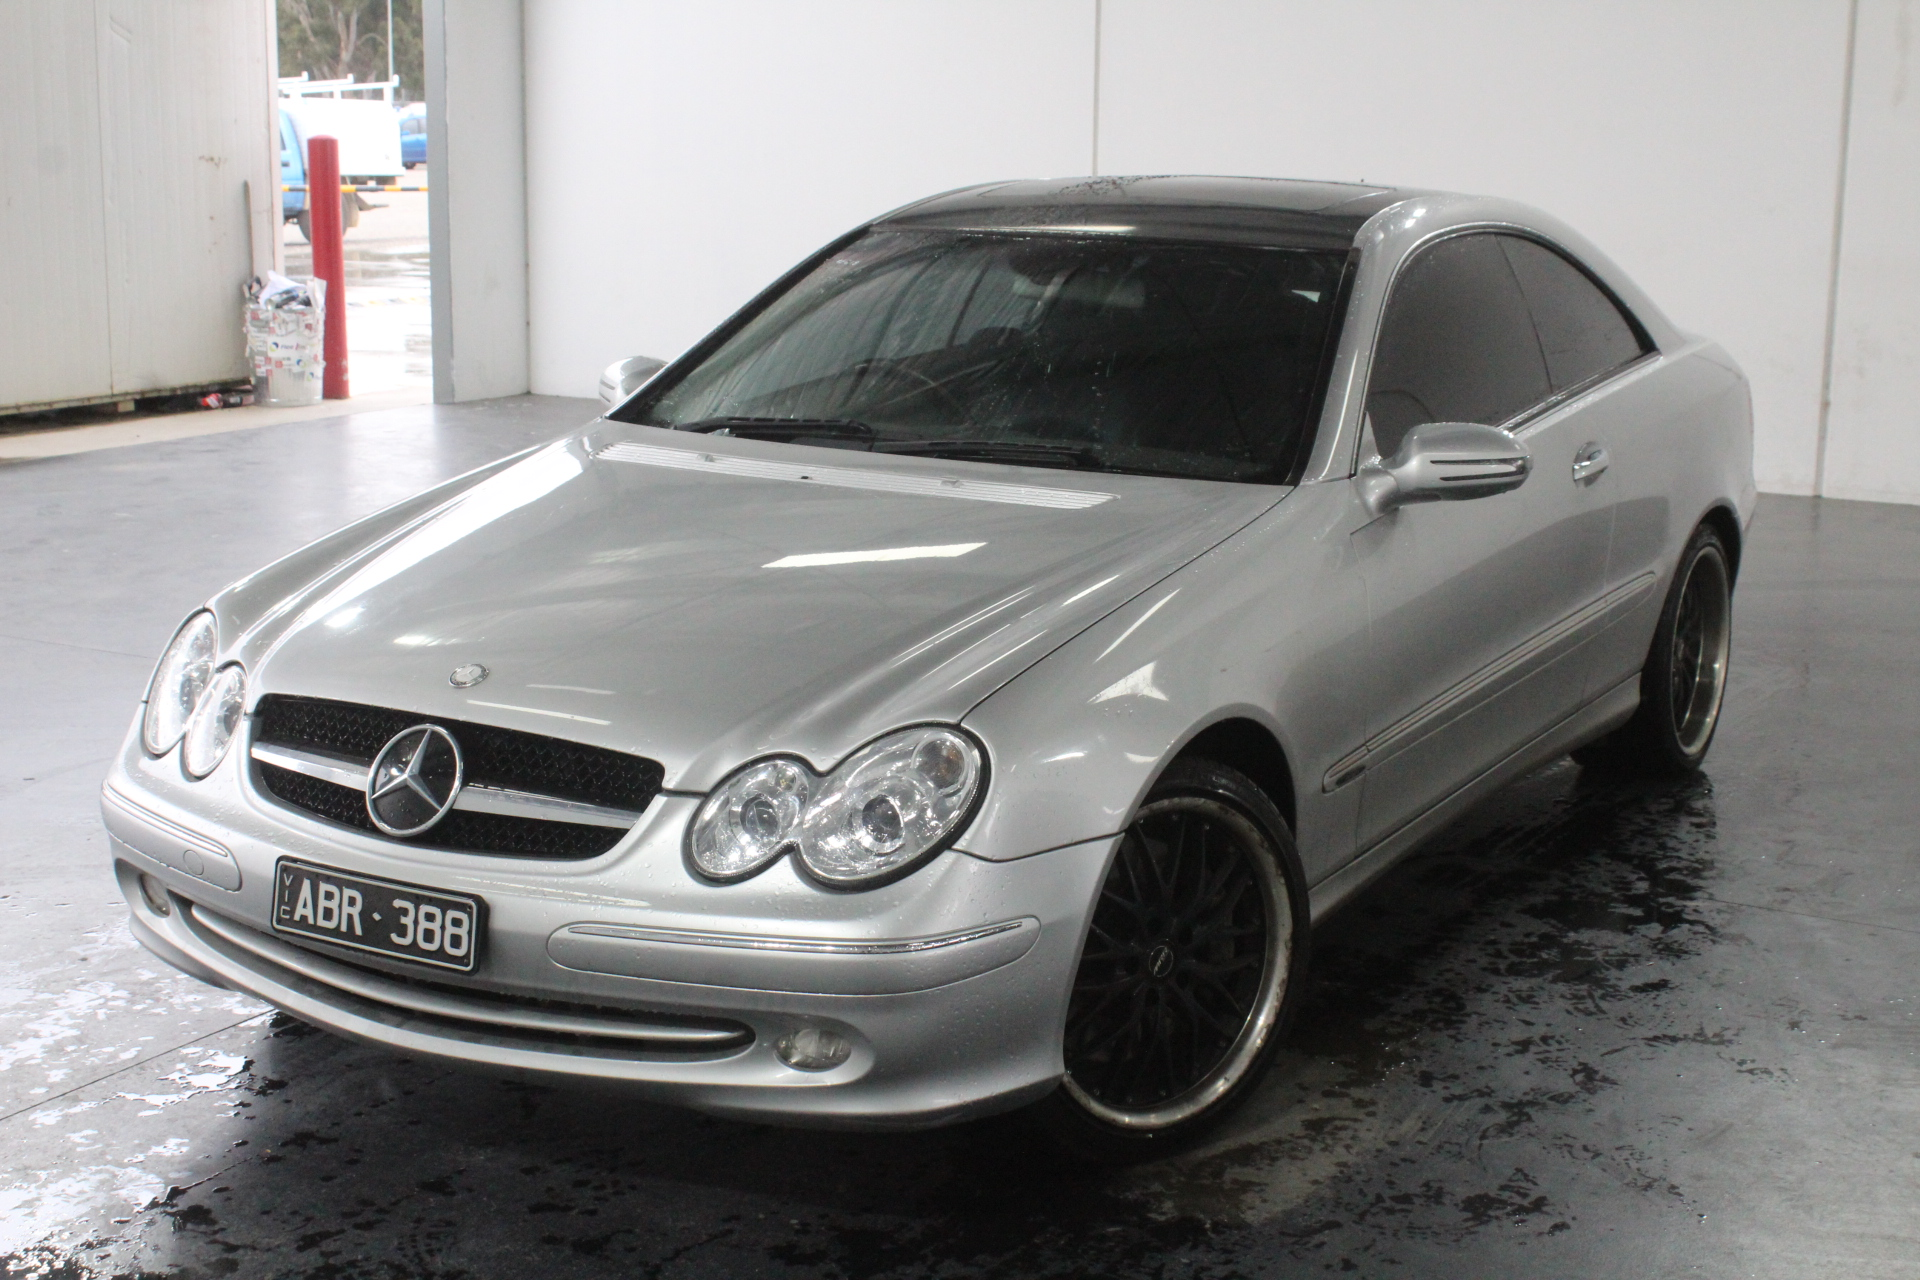 2003 Mercedes Benz CLK500 Avantgarde C209 Automatic Coupe